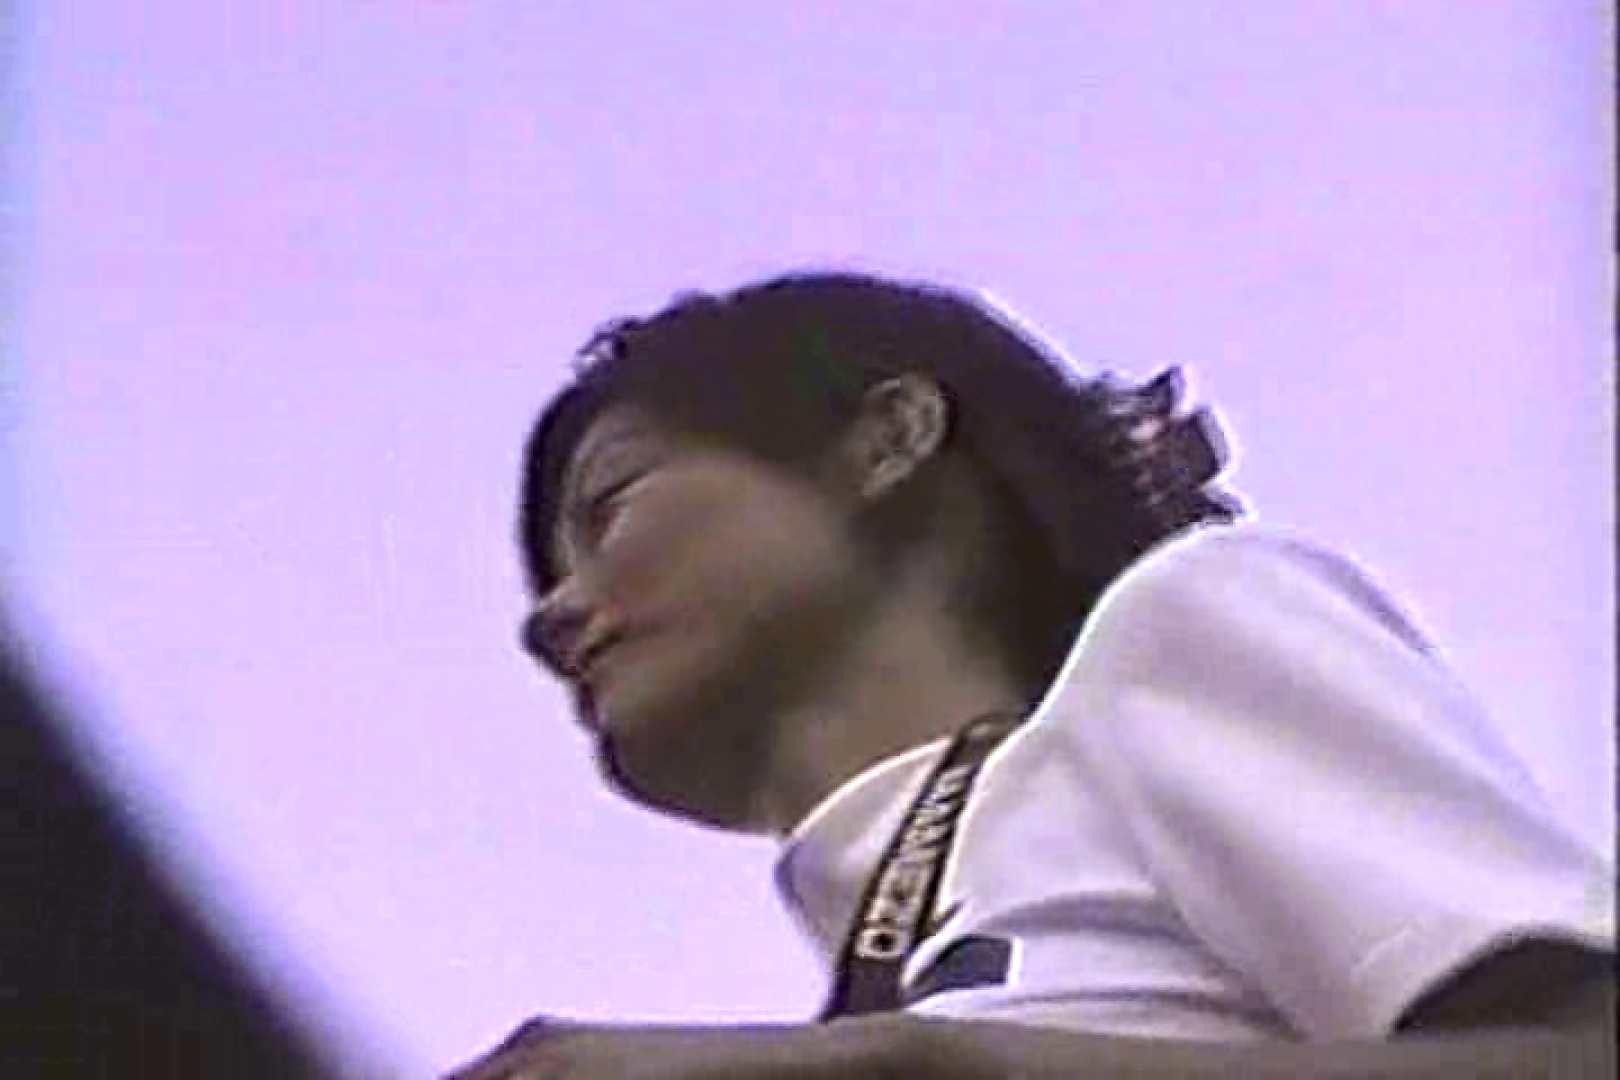 「ちくりん」さんのオリジナル未編集パンチラVol.1_01 美女OL  35連発 12